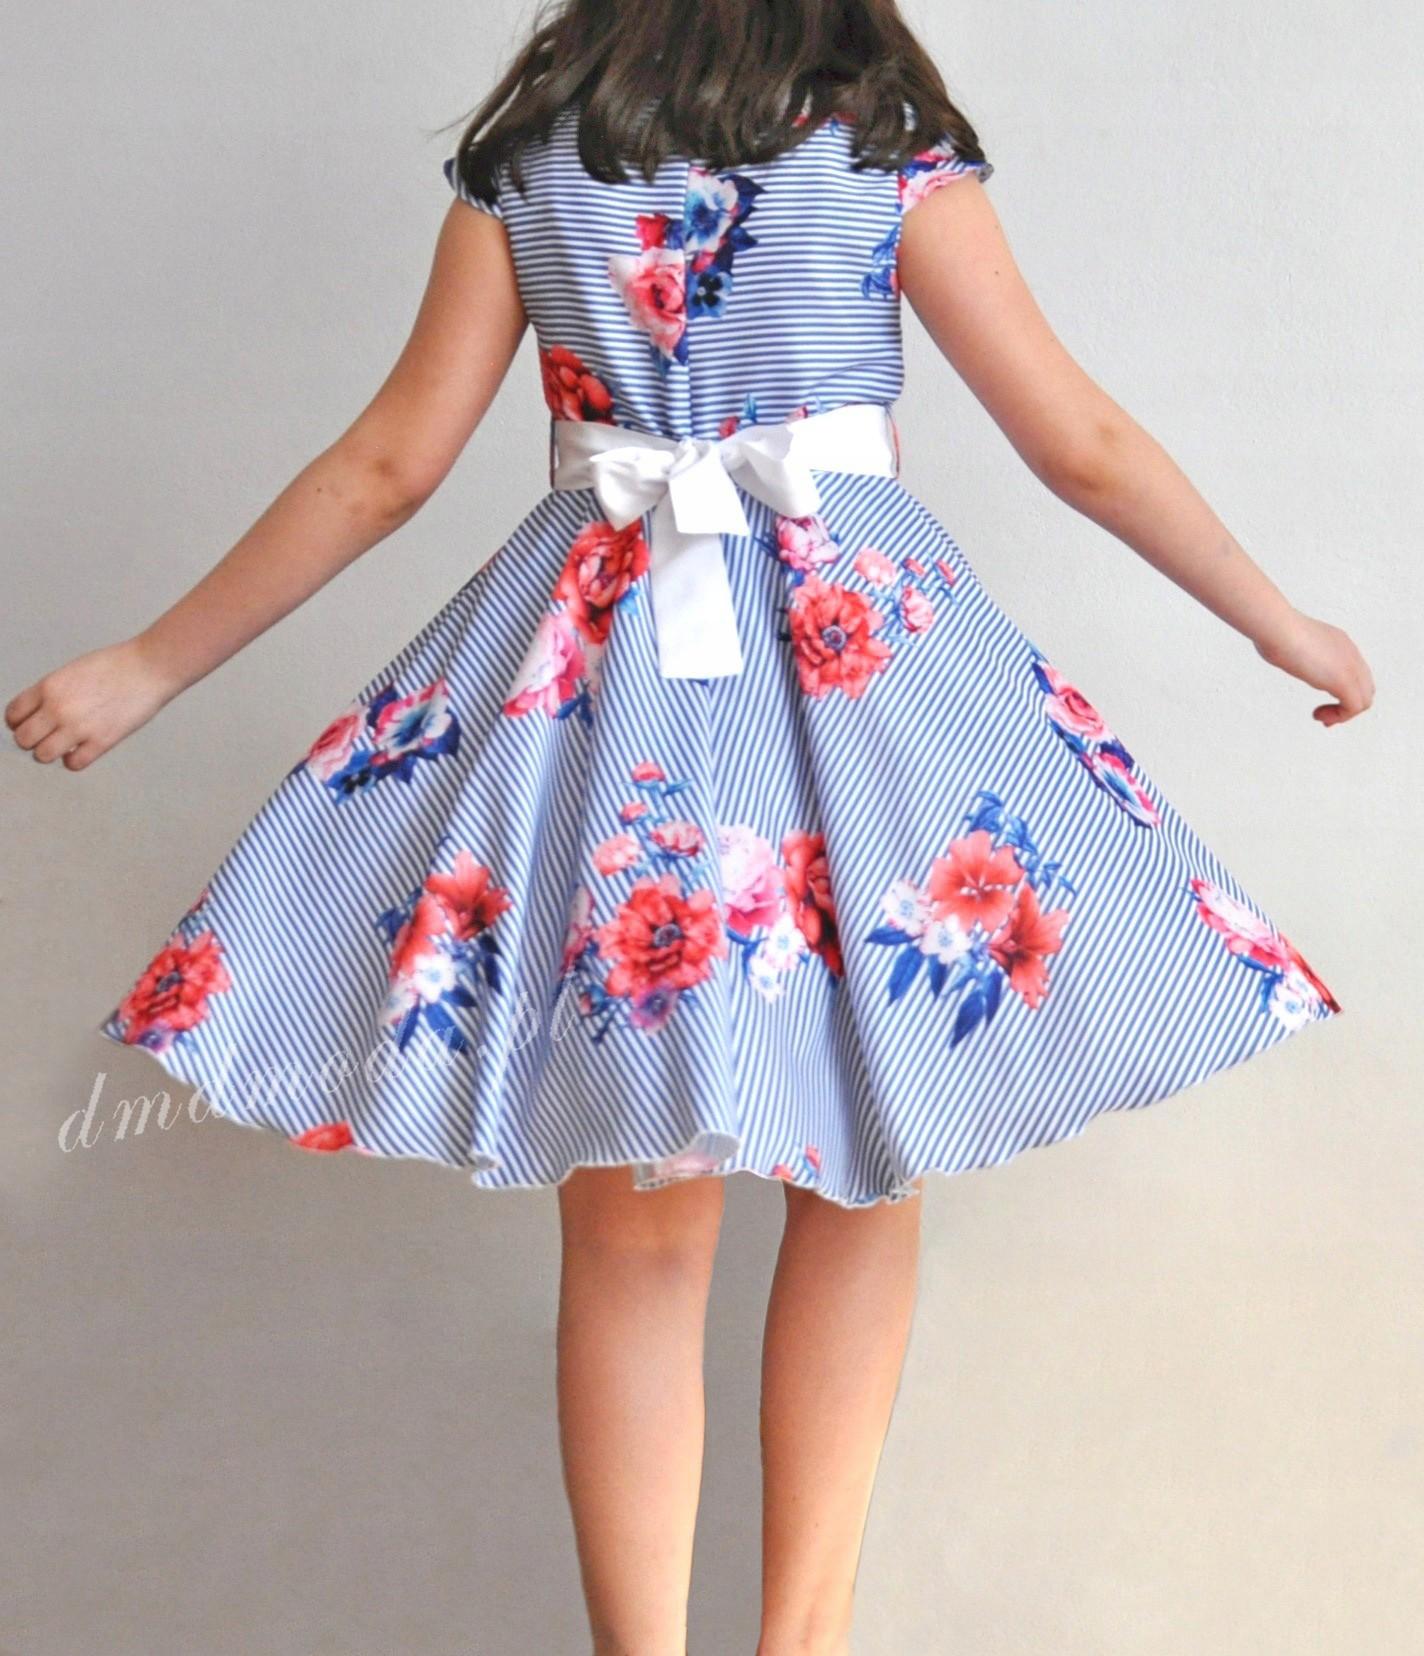 e0f10f6a85 Sukienka letnia dla dziewczynki z koła+ tiul 146 - 7427070459 ...